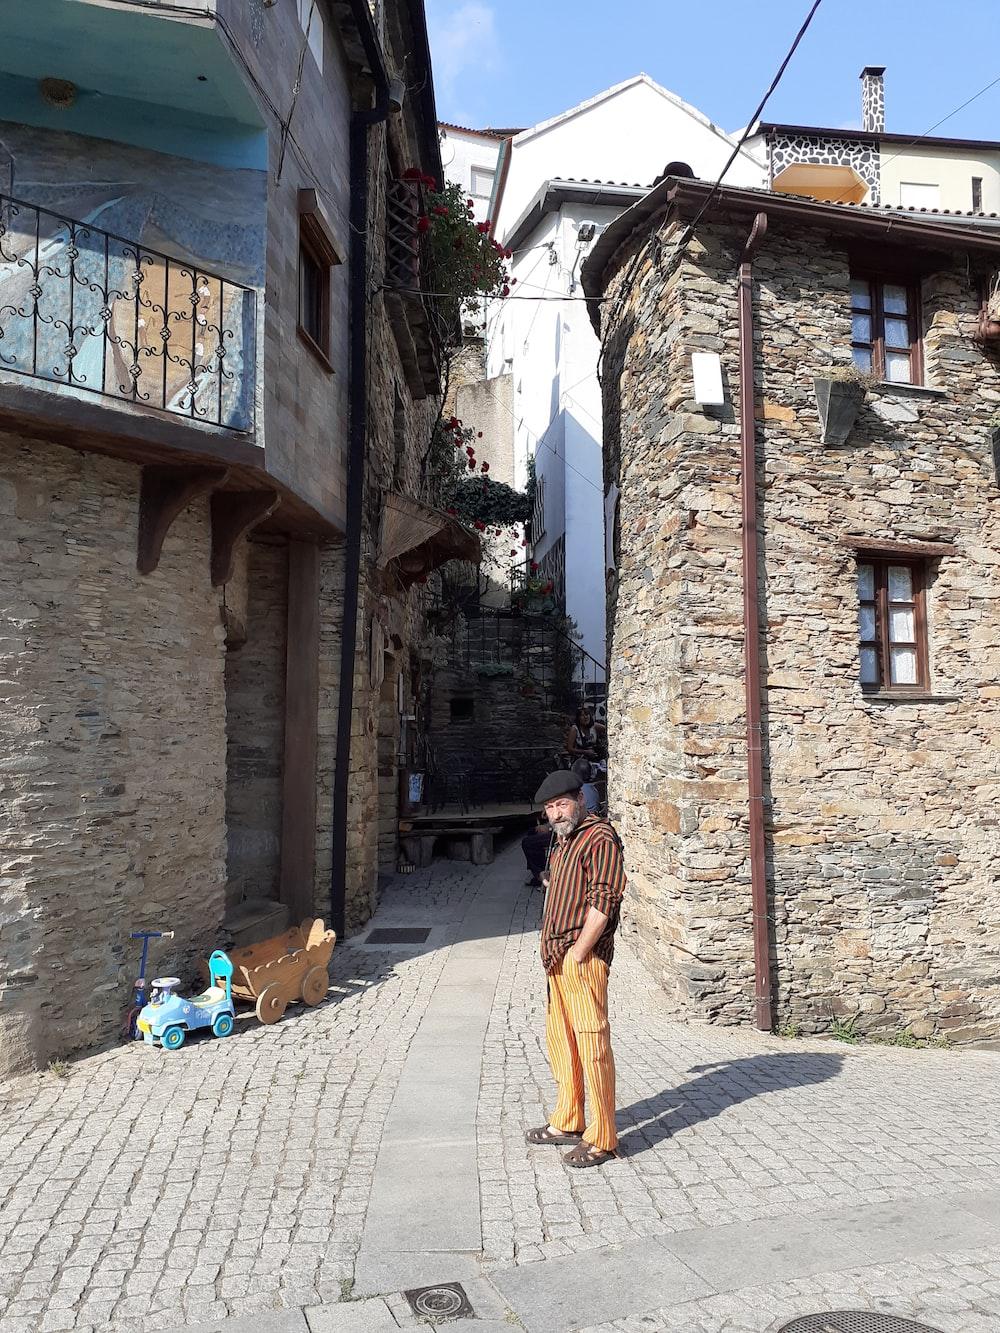 woman in brown dress walking on sidewalk during daytime